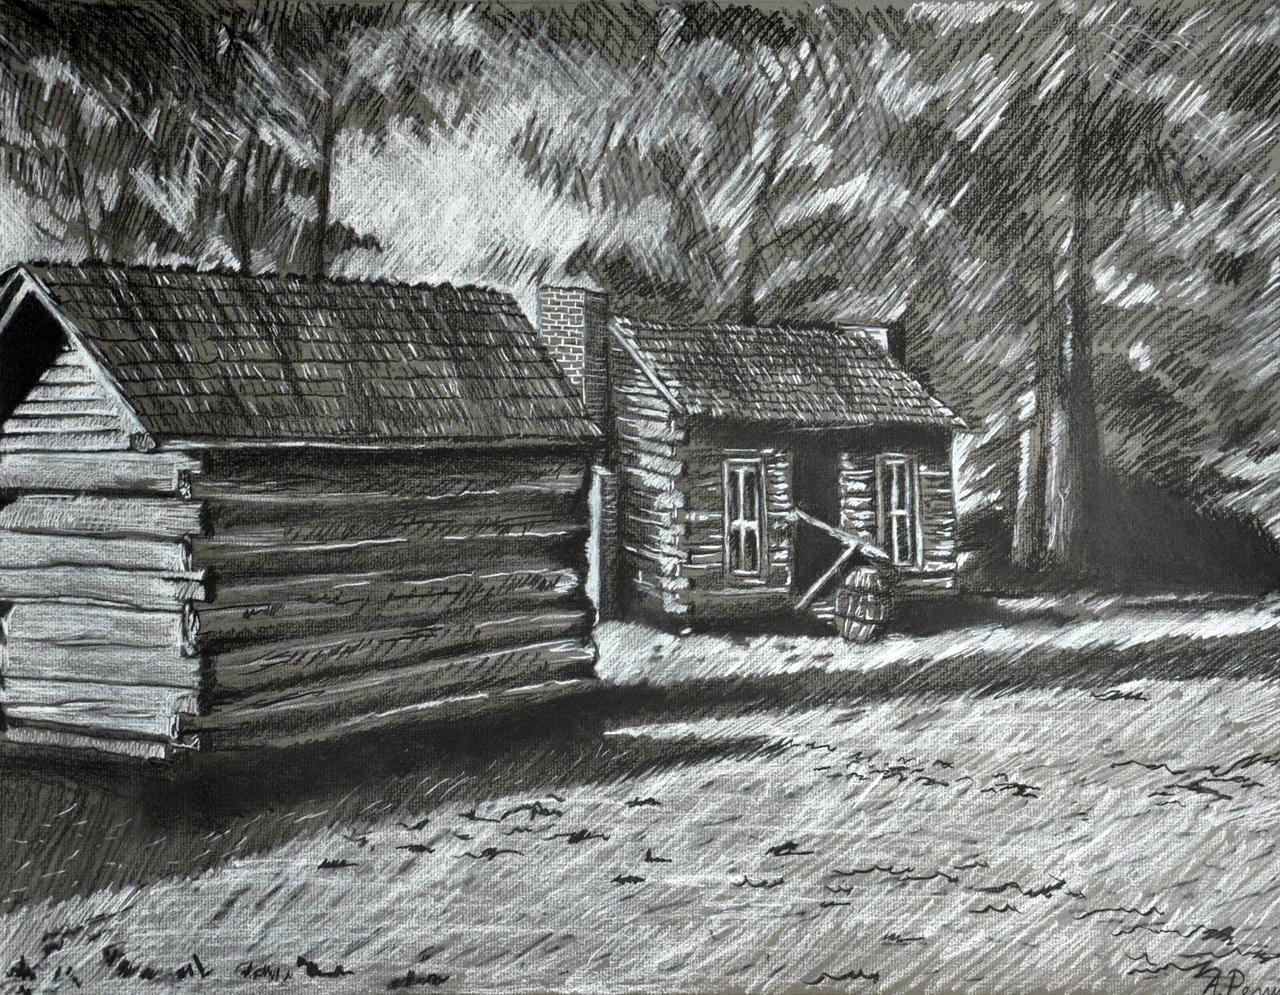 ابداع الرسم بالفحم المرسال